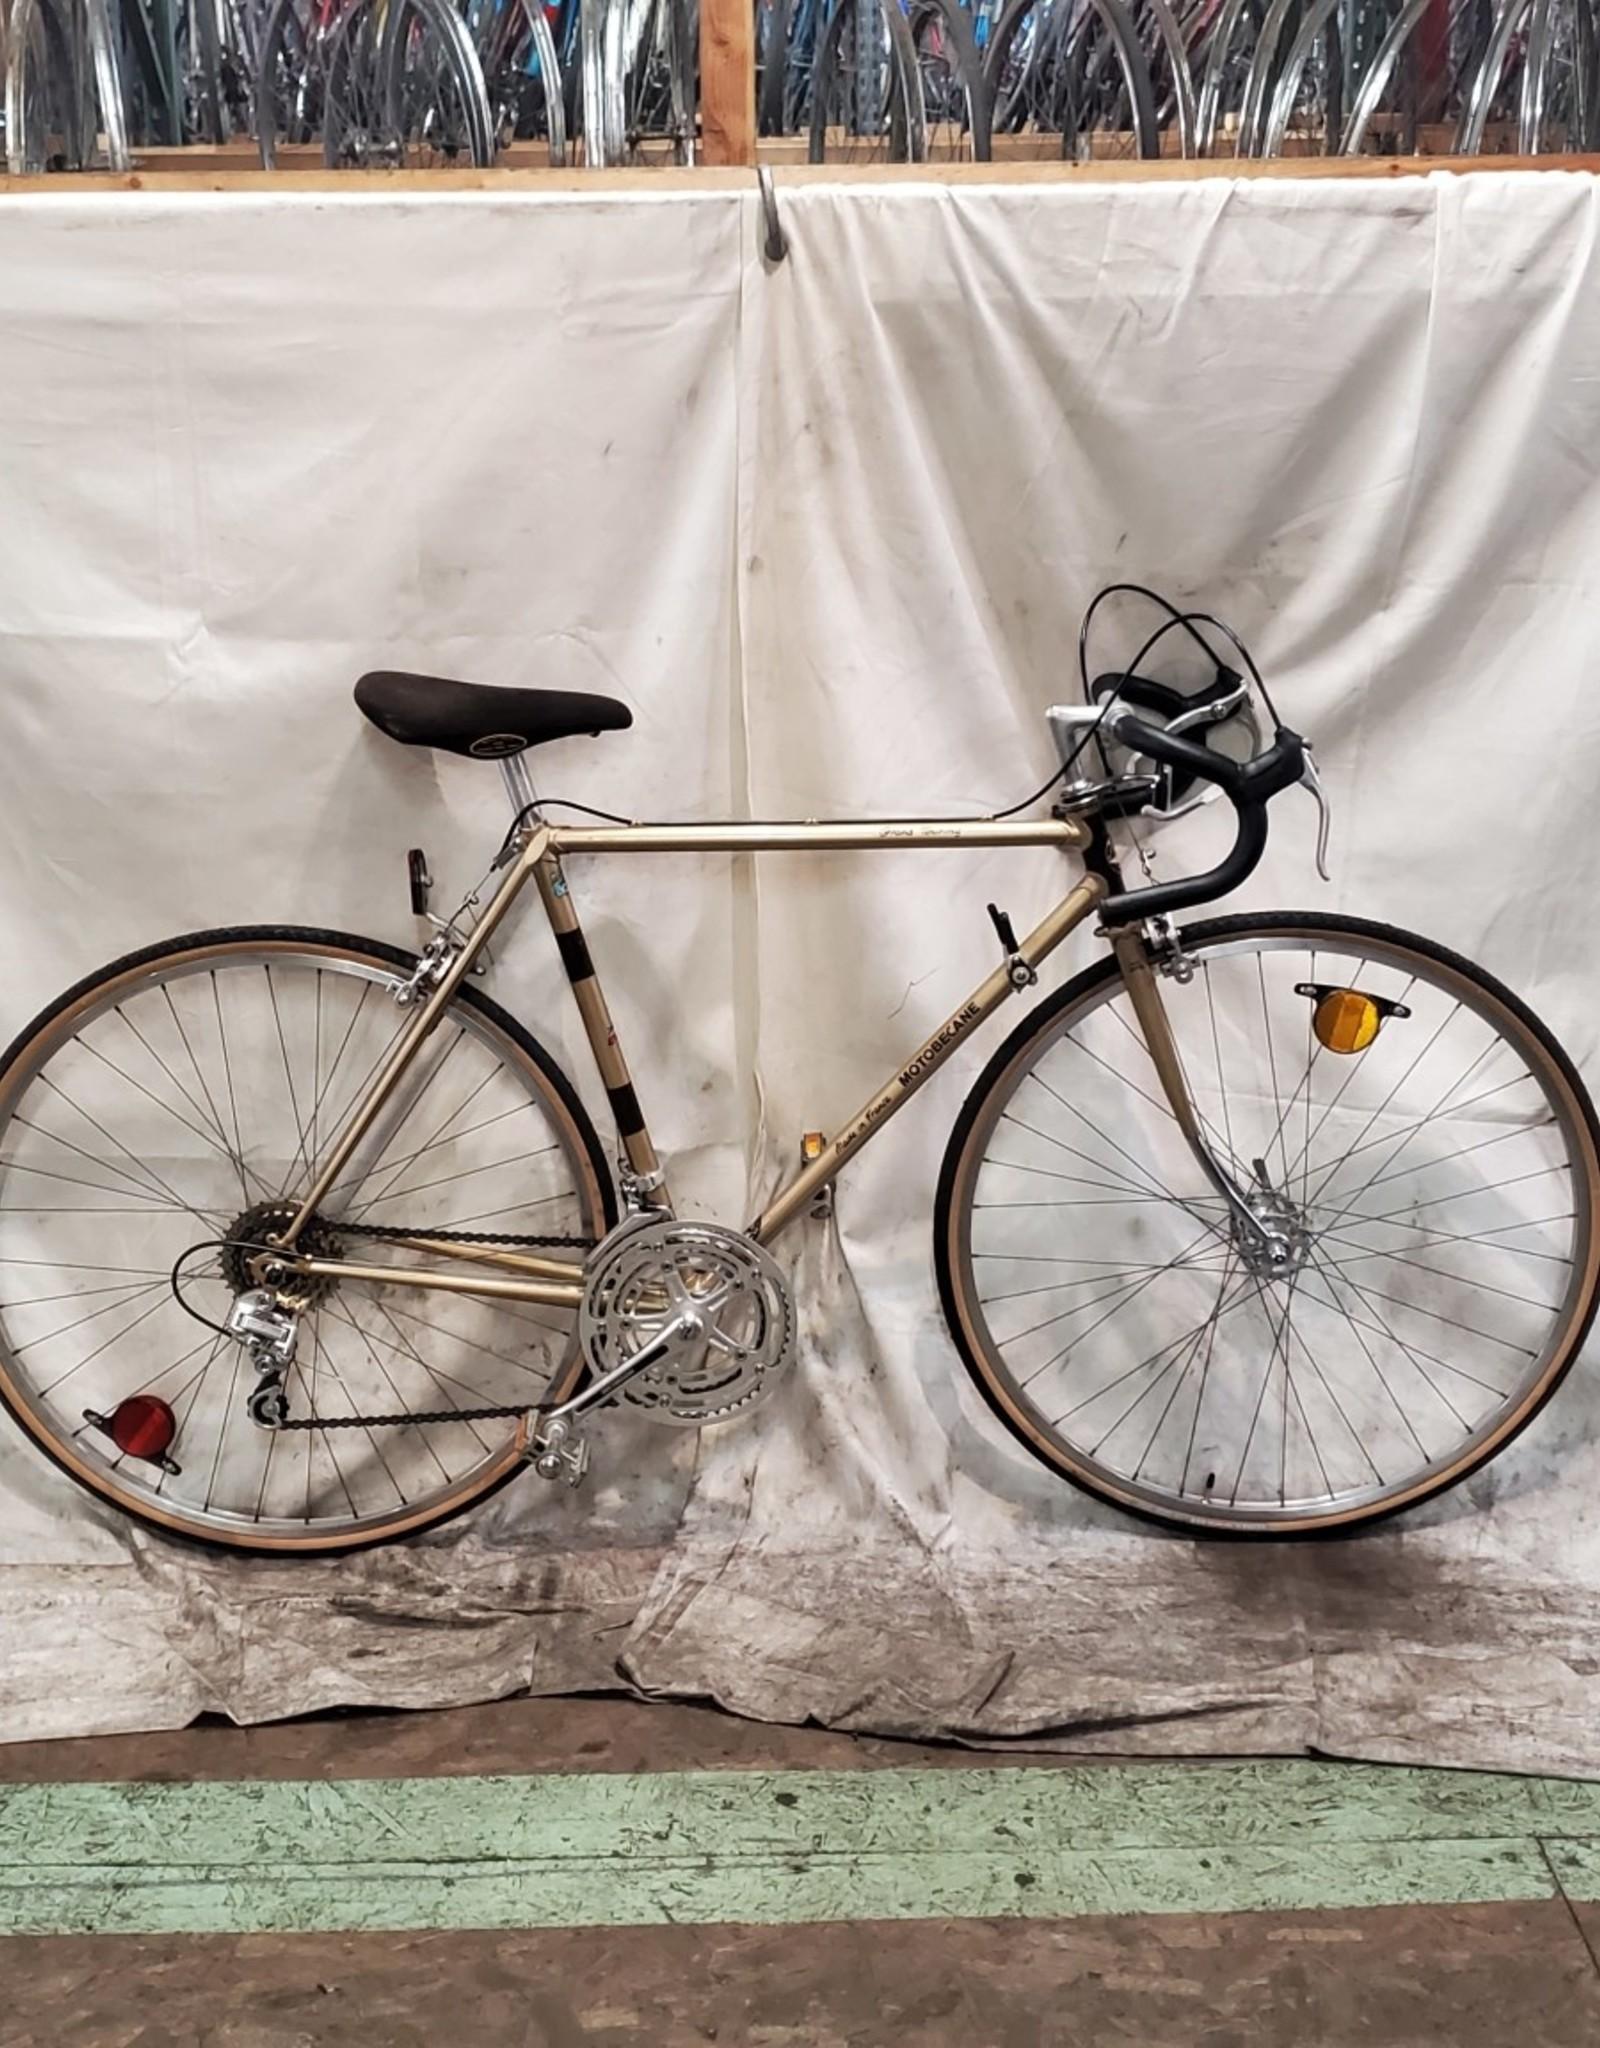 54cm  Motobecane Grand Touring (0388 I2U)